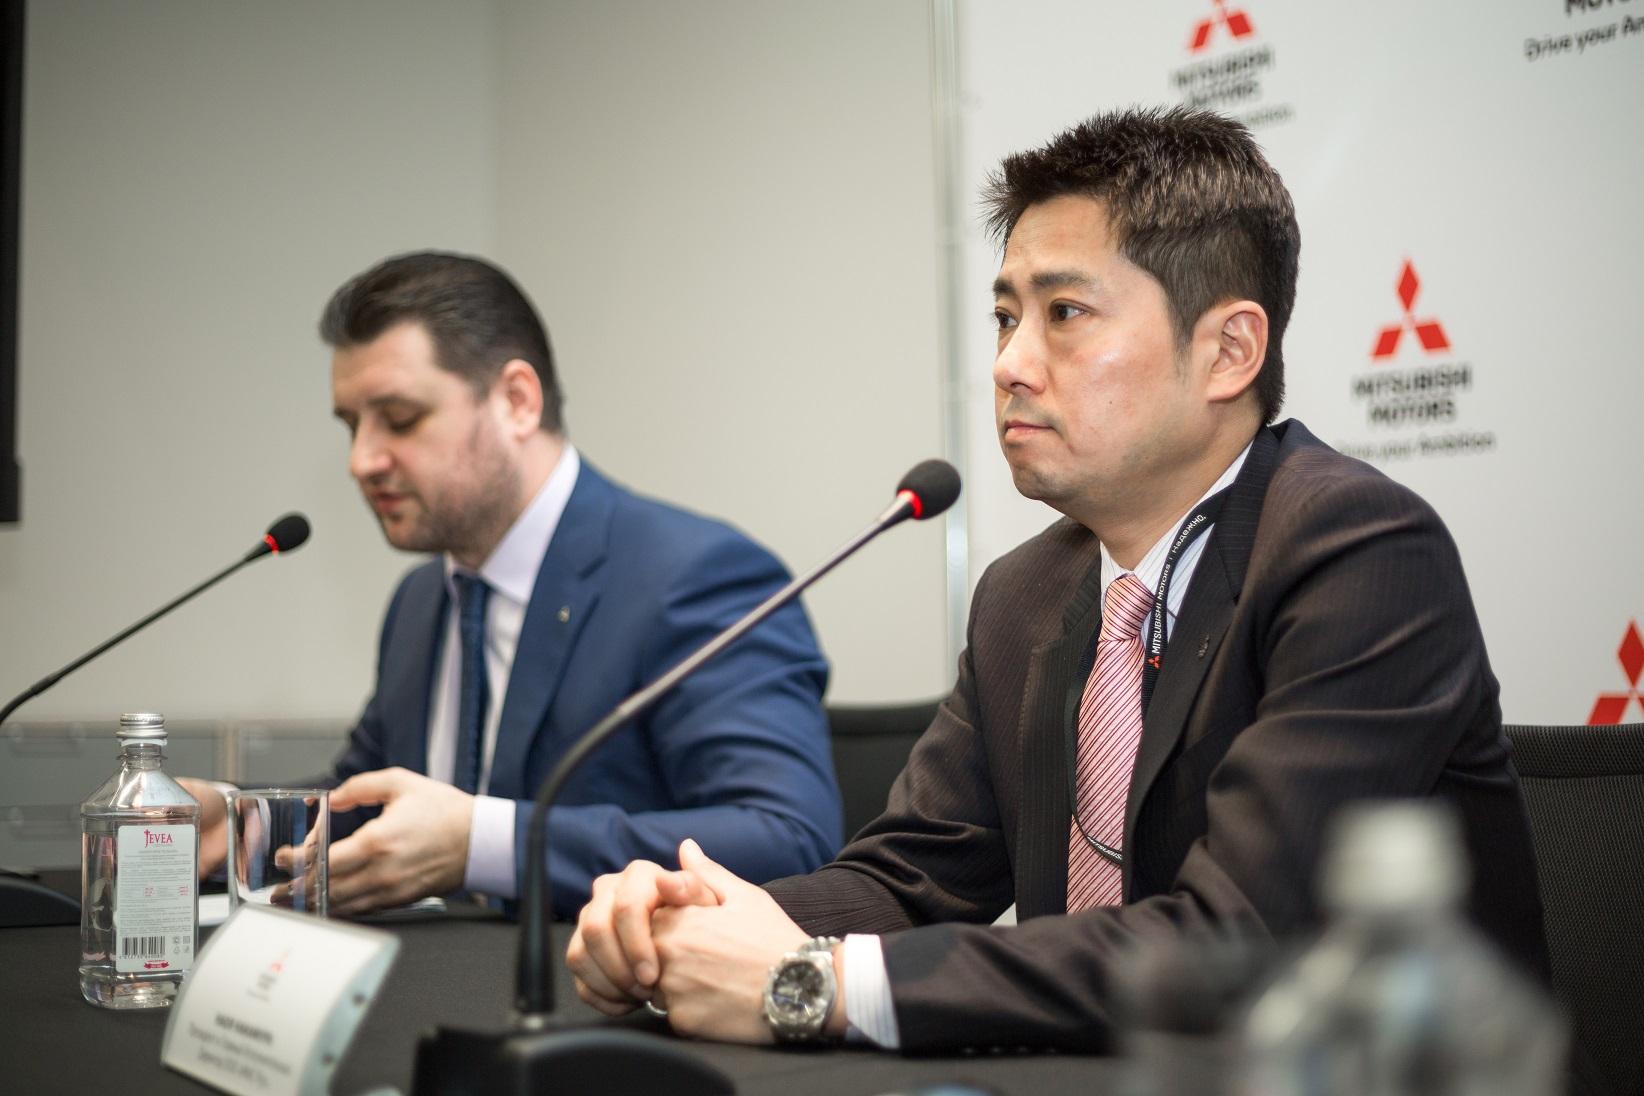 Наоя Накамура (Naoya Nakamura), Президент и Главный исполнительный директор «ММС Рус»